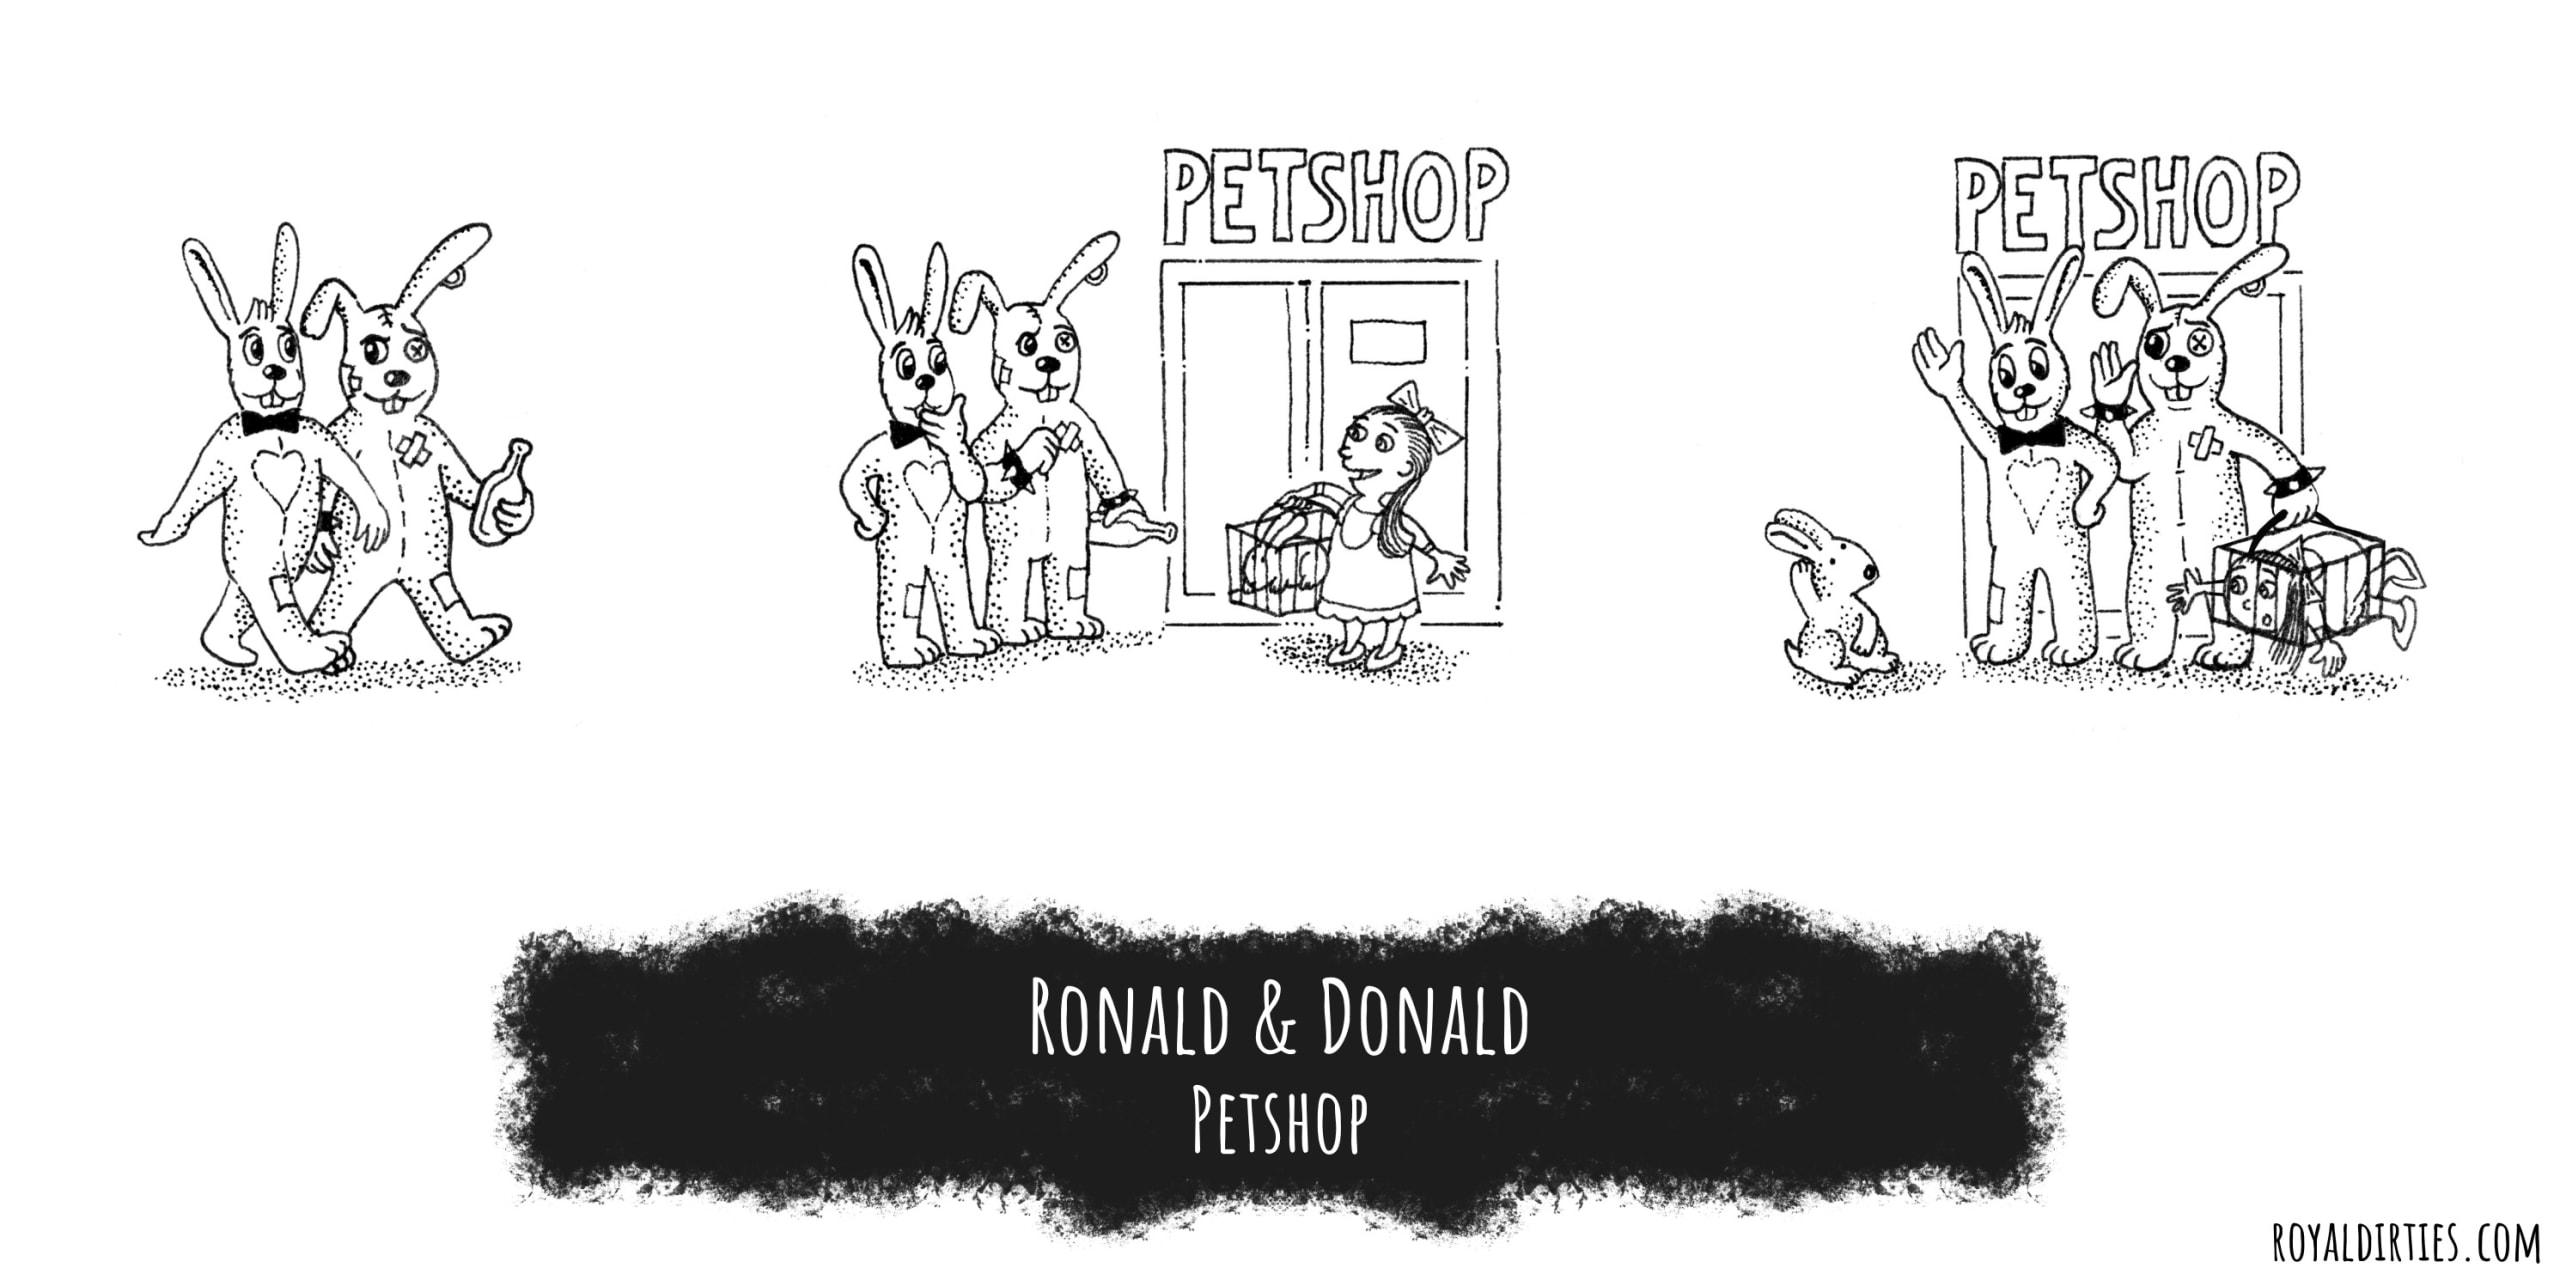 Ronald & Donald protecting Pets